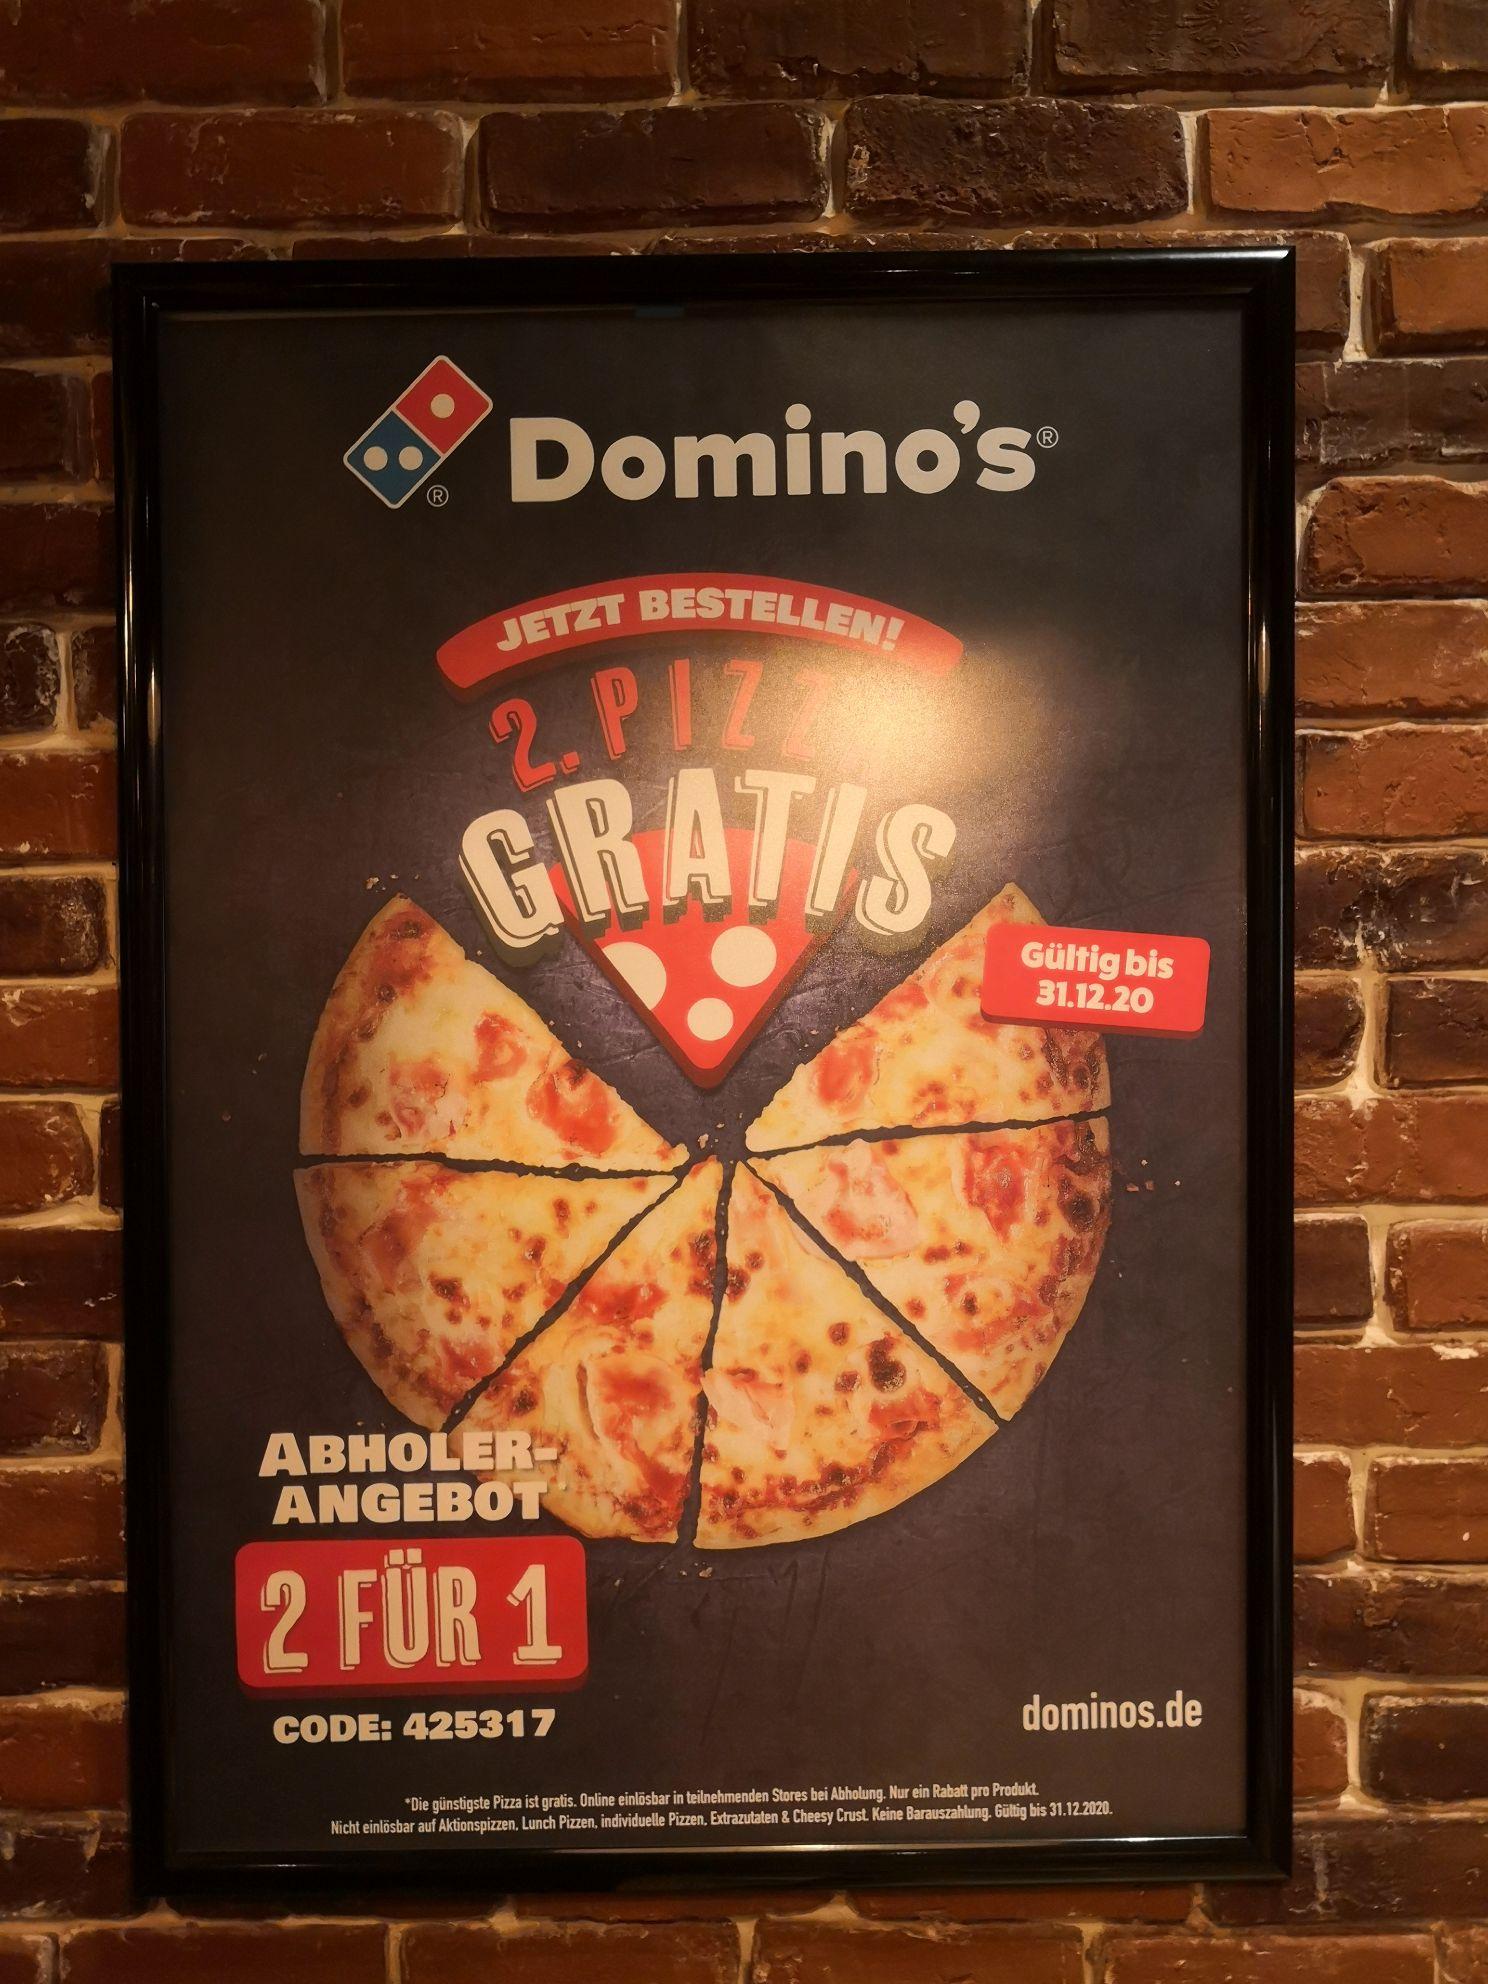 2 für 1 Aktion auf alle Pizzen bei Domino's - 50% bei Selbstabholung.